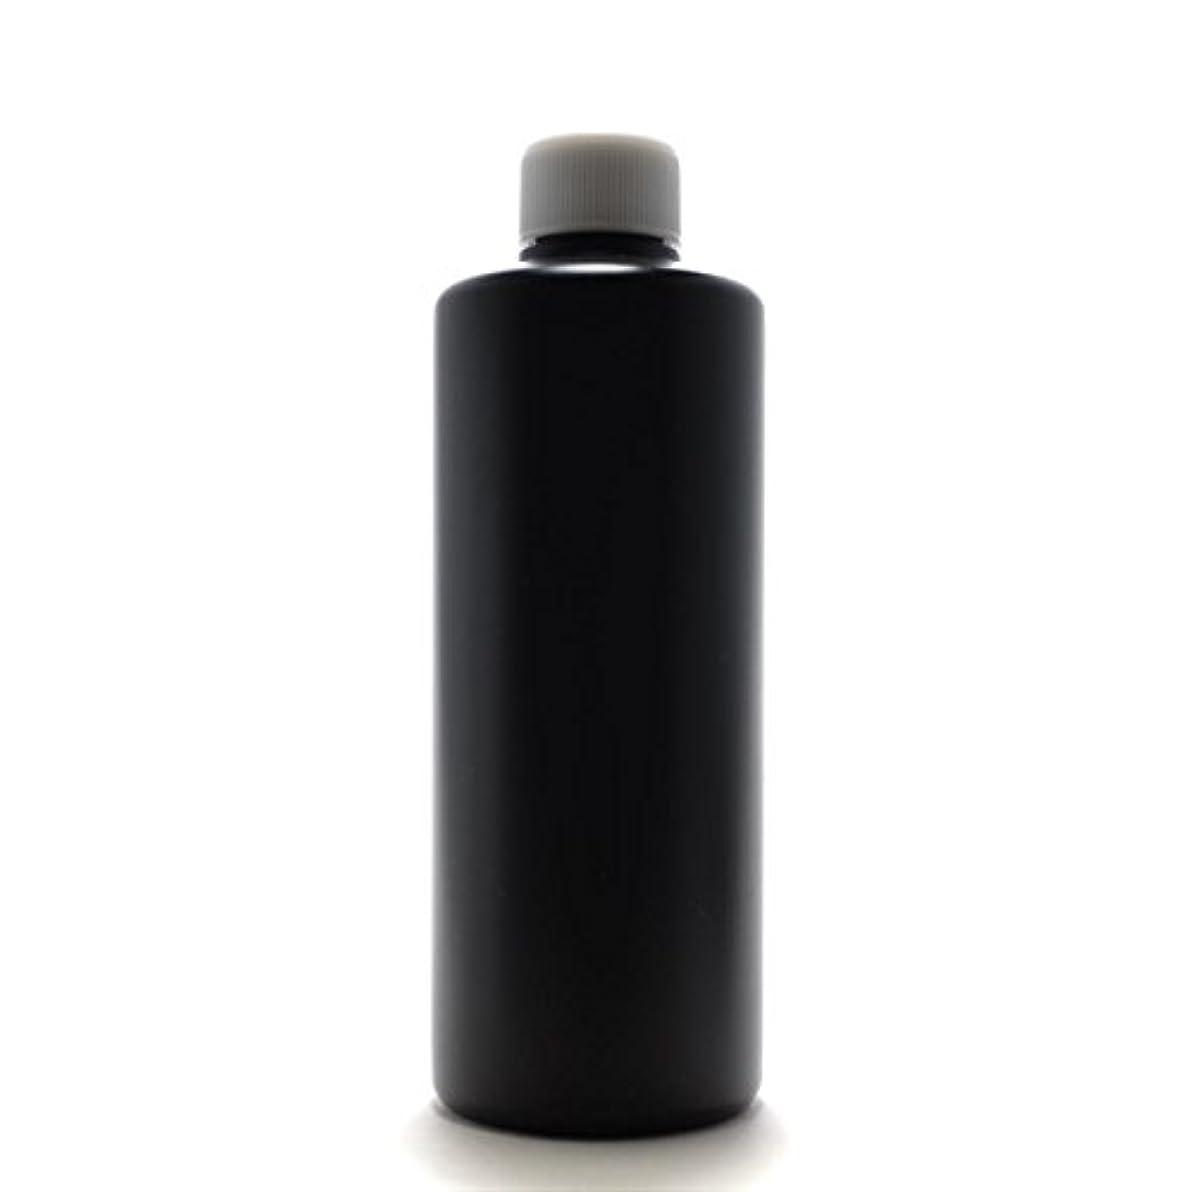 協会襲撃憲法プラスチック容器 300ml PE ストレートボトル [ ボトル:遮光黒 / スクリューキャップ:ホワイト ]※中栓付